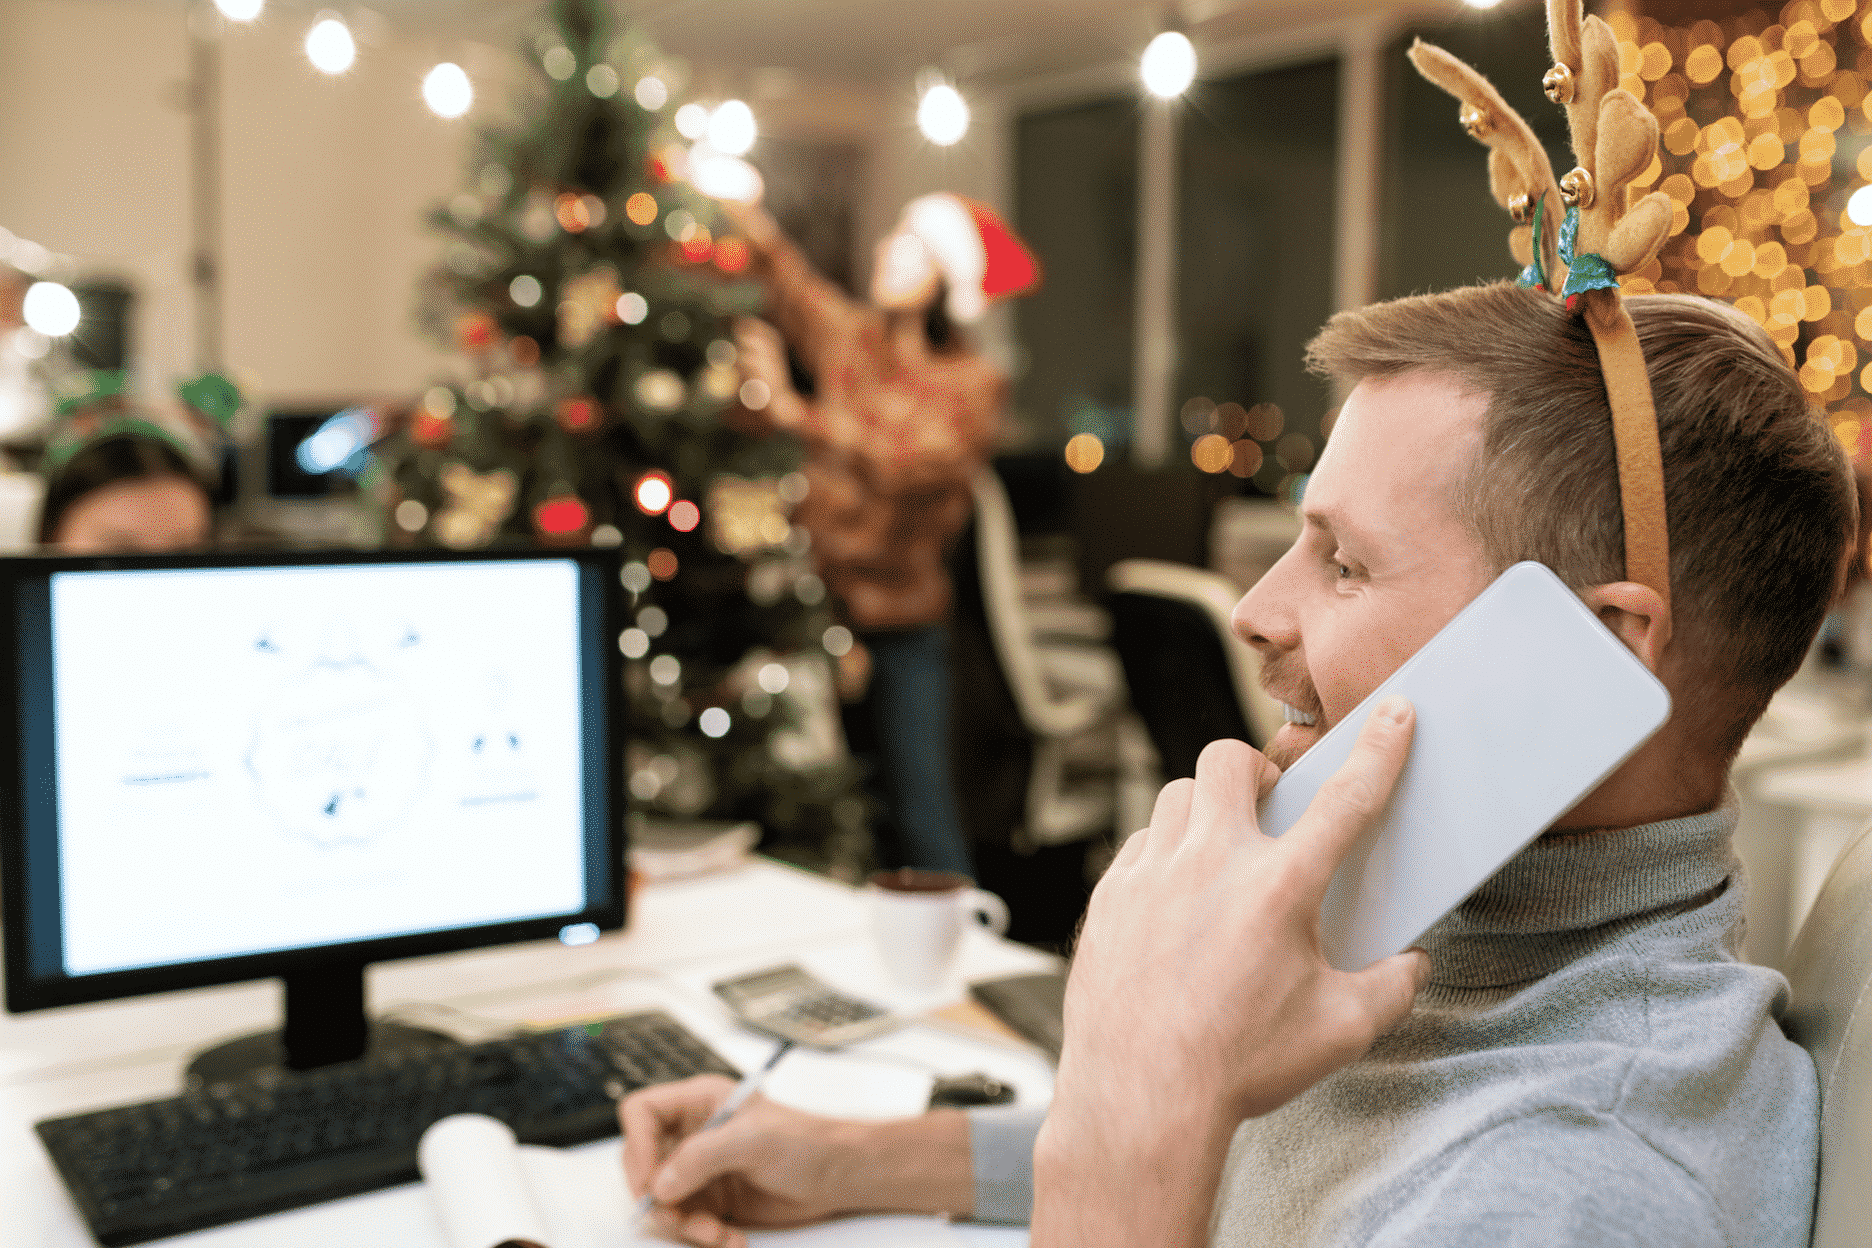 Elektrische Weihnachtsbeleuchtung im Büro